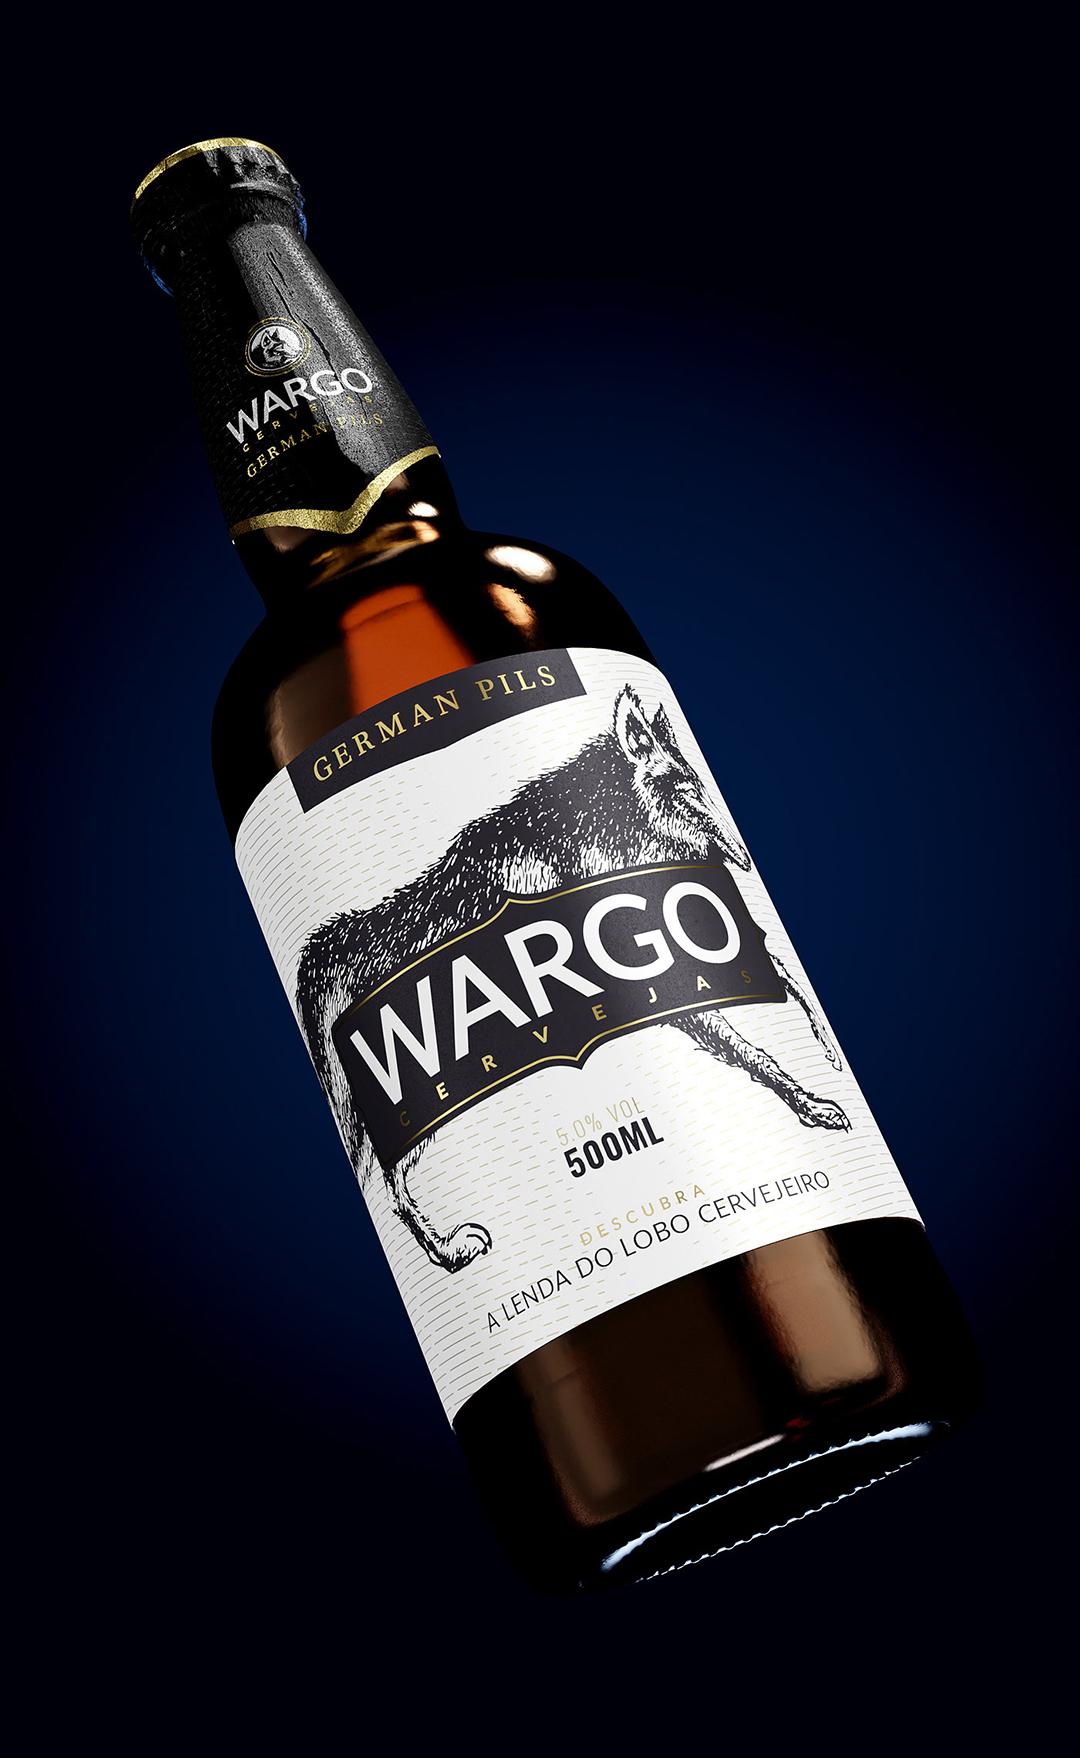 Embalagem Cerveja Germal Pils Wargo